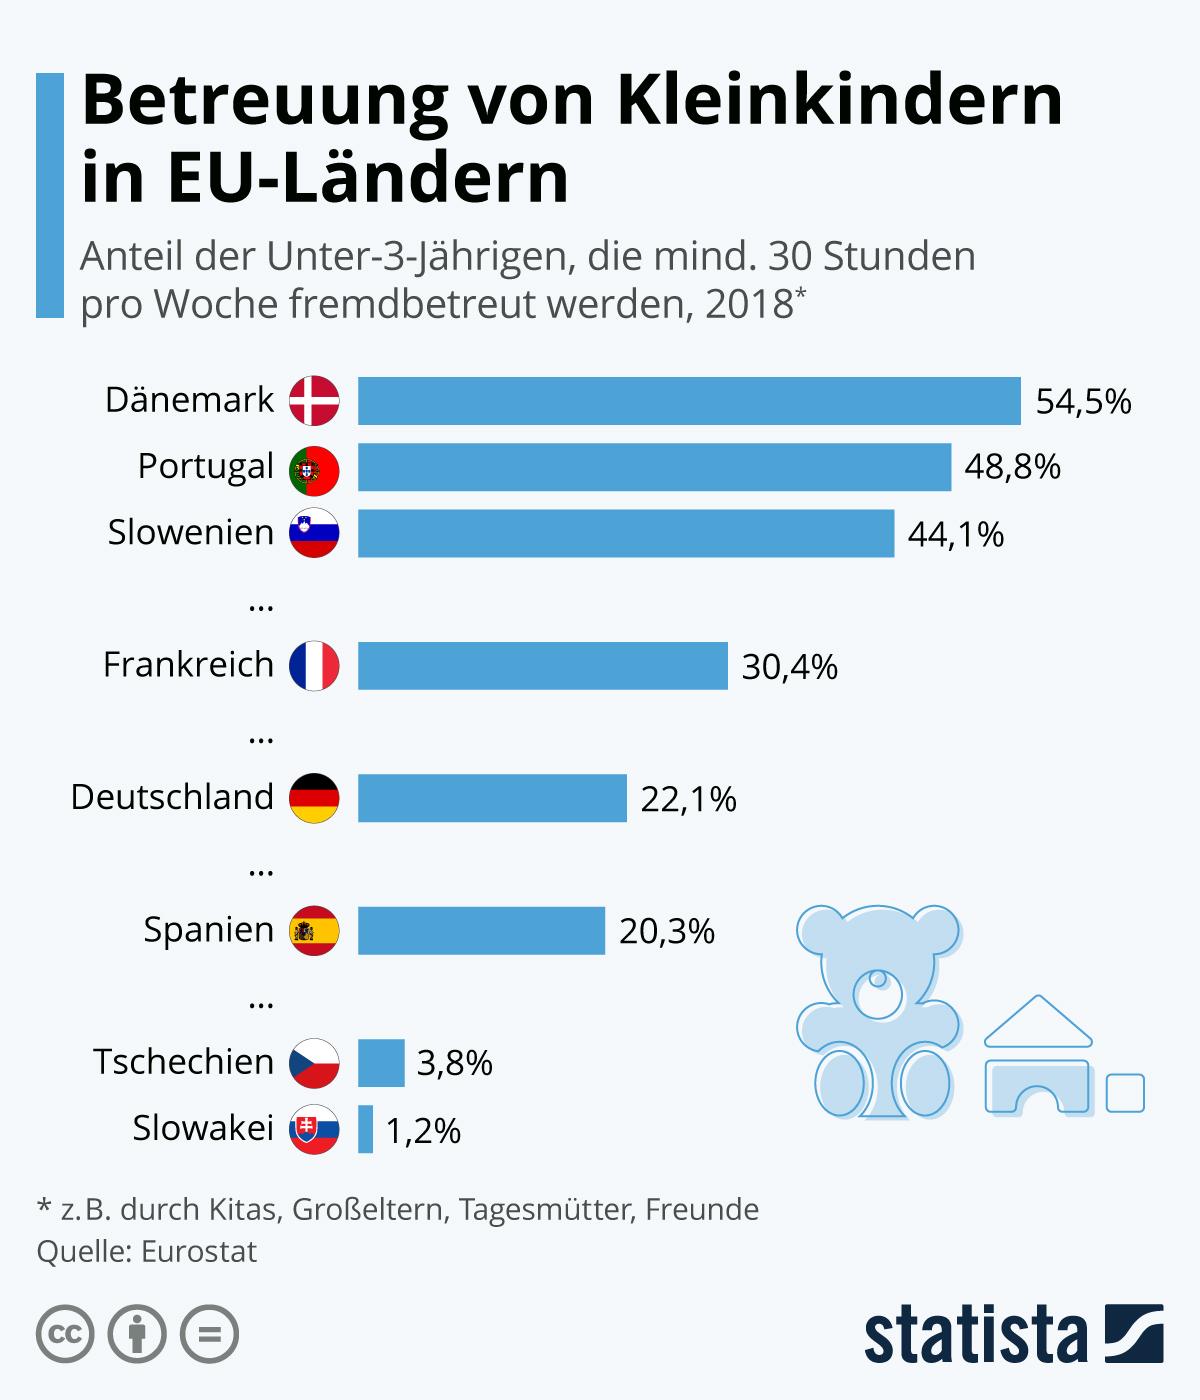 Infografik: Betreuung von Kleinkindern in EU-Ländern | Statista